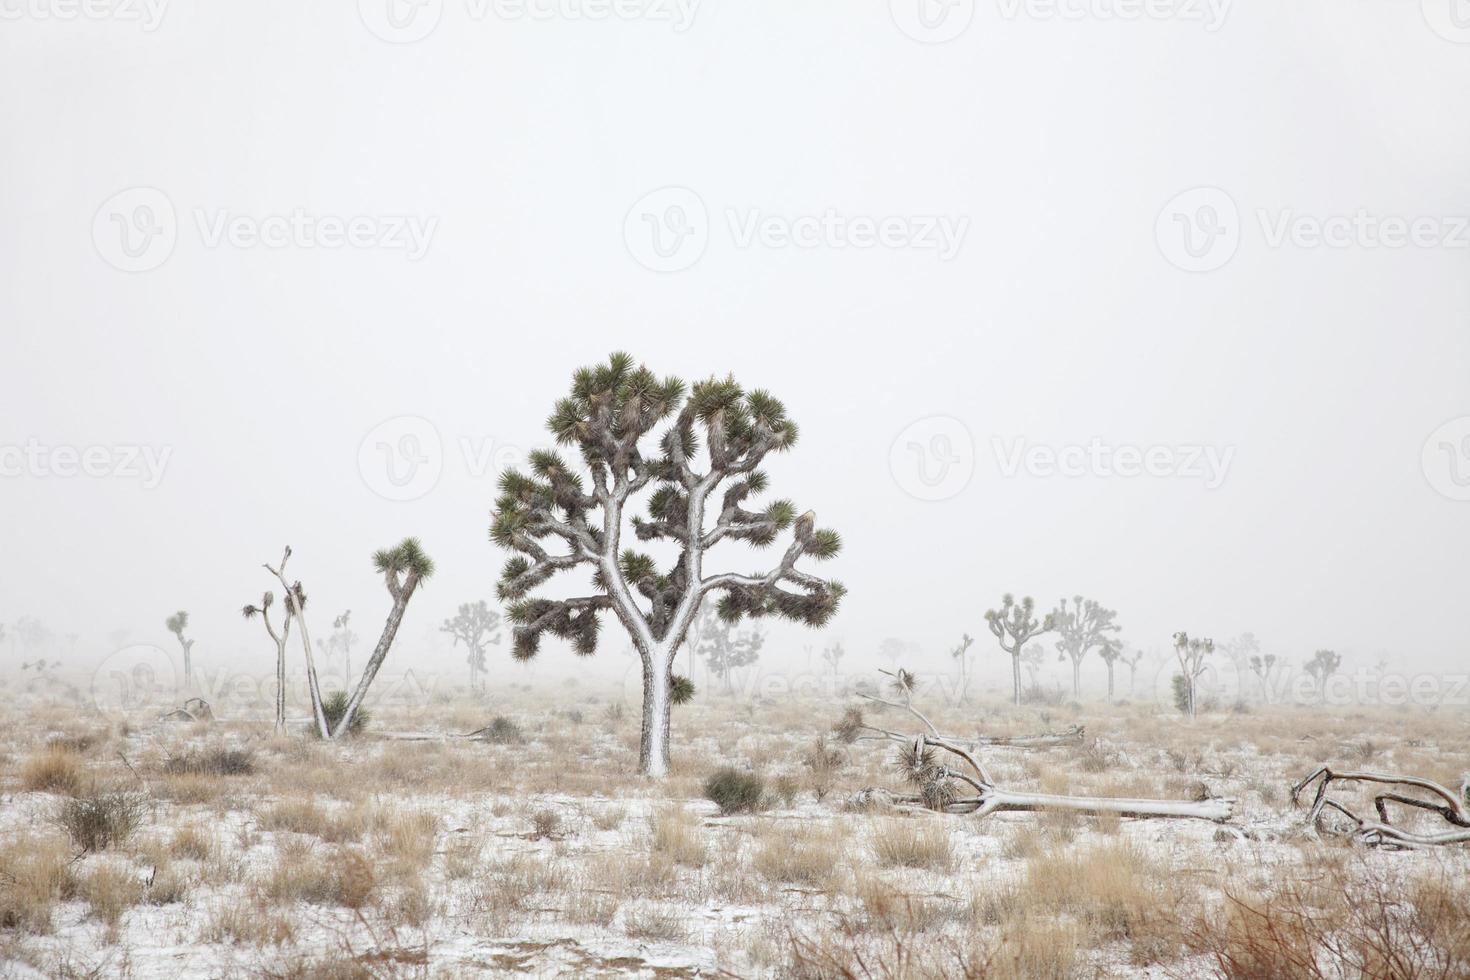 mojave woestijn sneeuwstorm joshua boom nationaal park Californië kopie ruimte foto